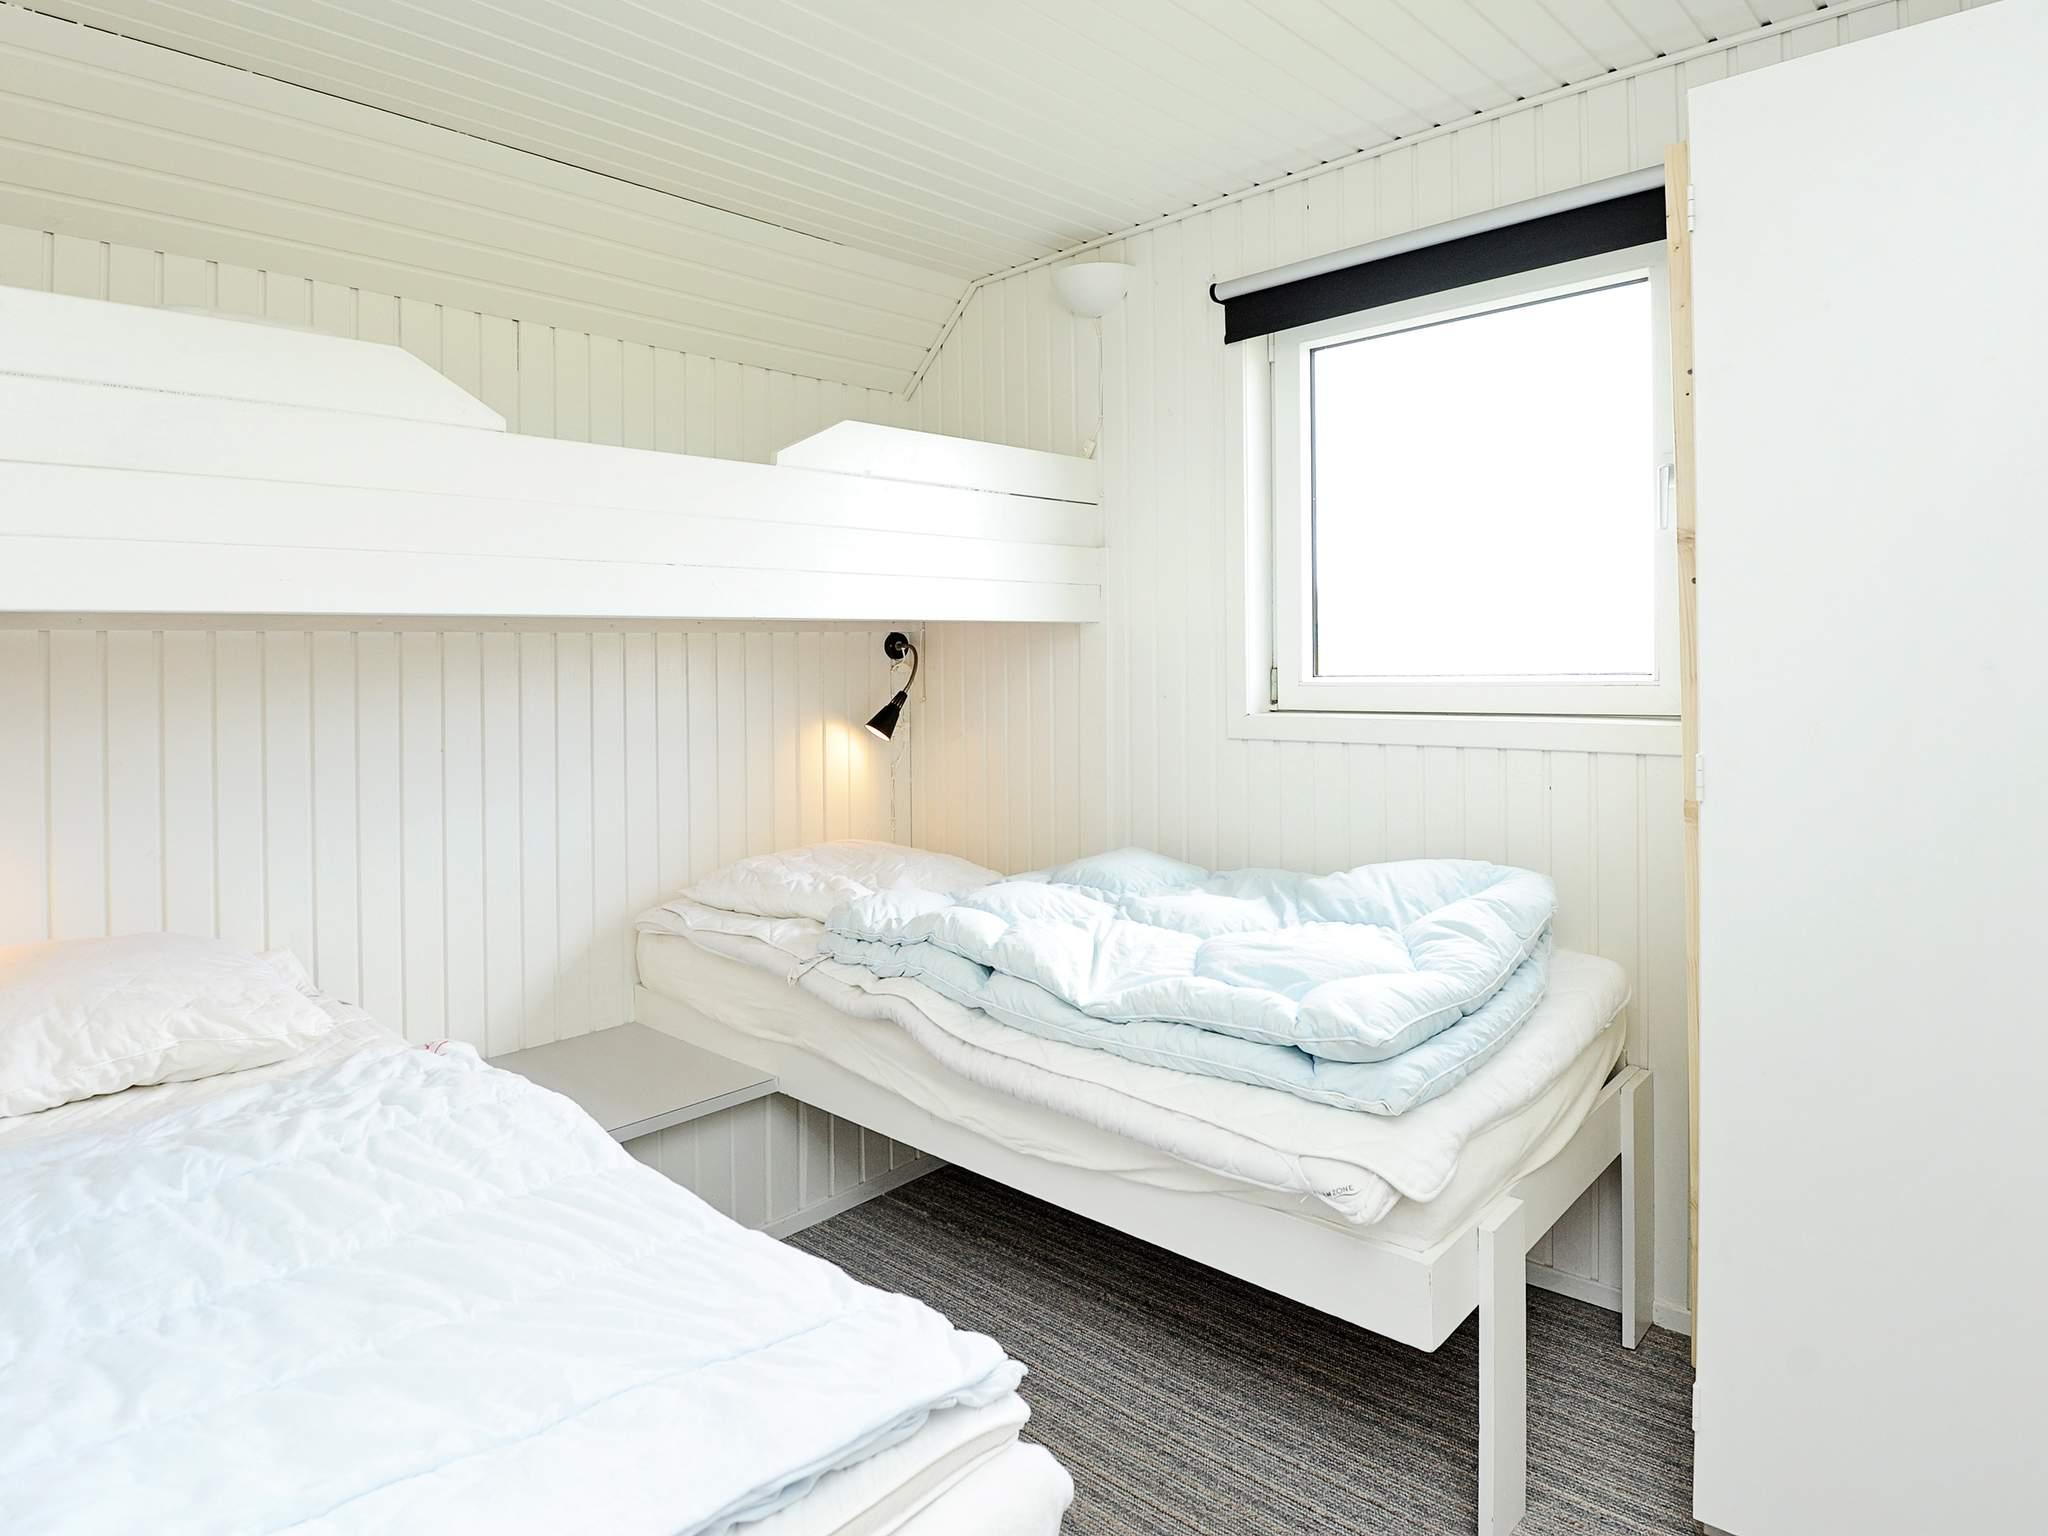 Ferienhaus Vejers Strand (125796), Vejers Strand, , Westjütland, Dänemark, Bild 14